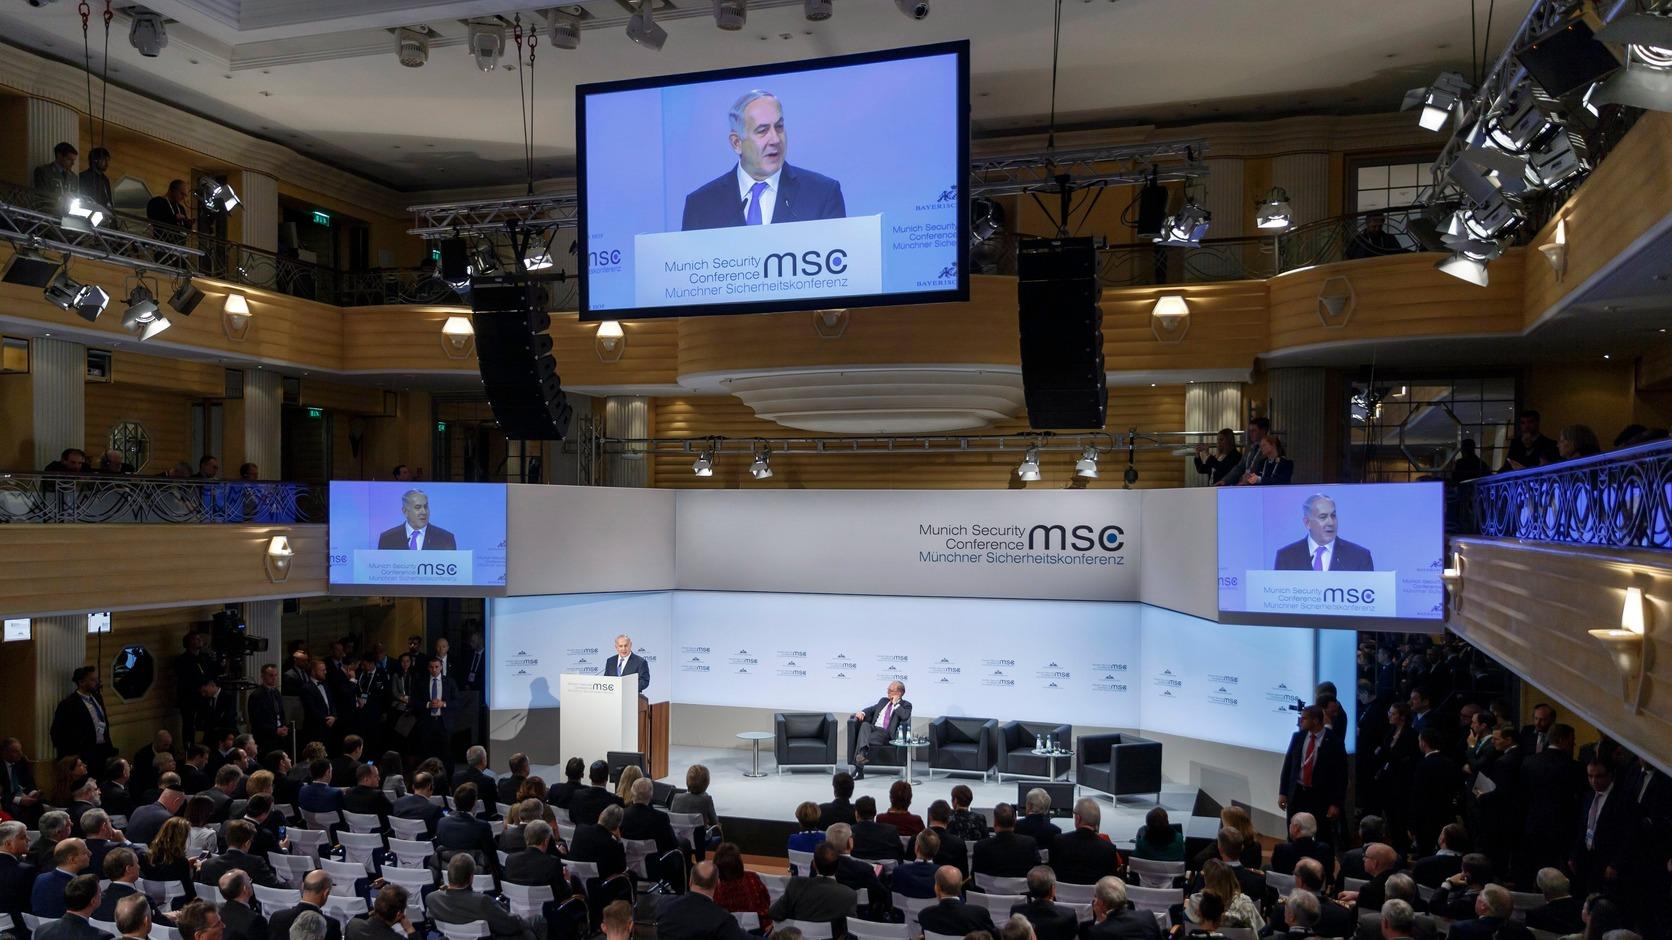 Nógrádi: Nem egy egyszerű kibeszélőshow volt Münchenben